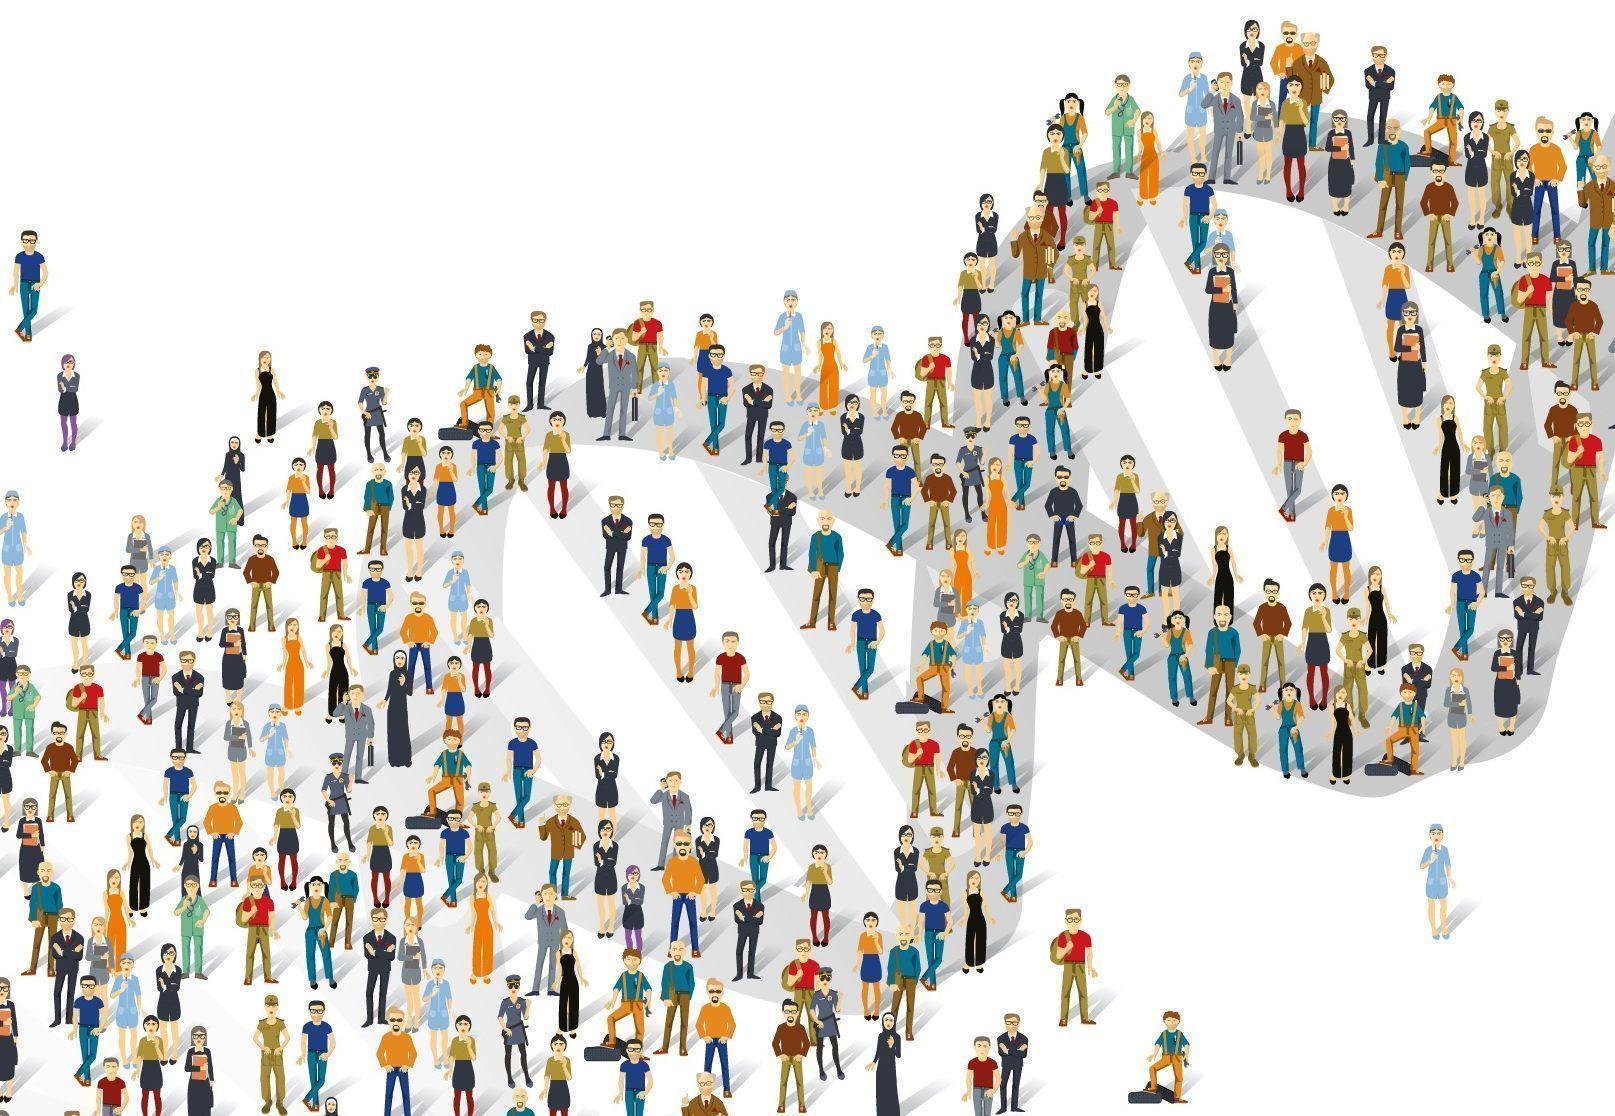 La combinación de historiales médicos electrónicos y resultados de pruebas genéticas tiene el potencial de permitir adaptar el tratamiento a cada paciente. Imagen: Larry Leja. https://www.genome.gov/.